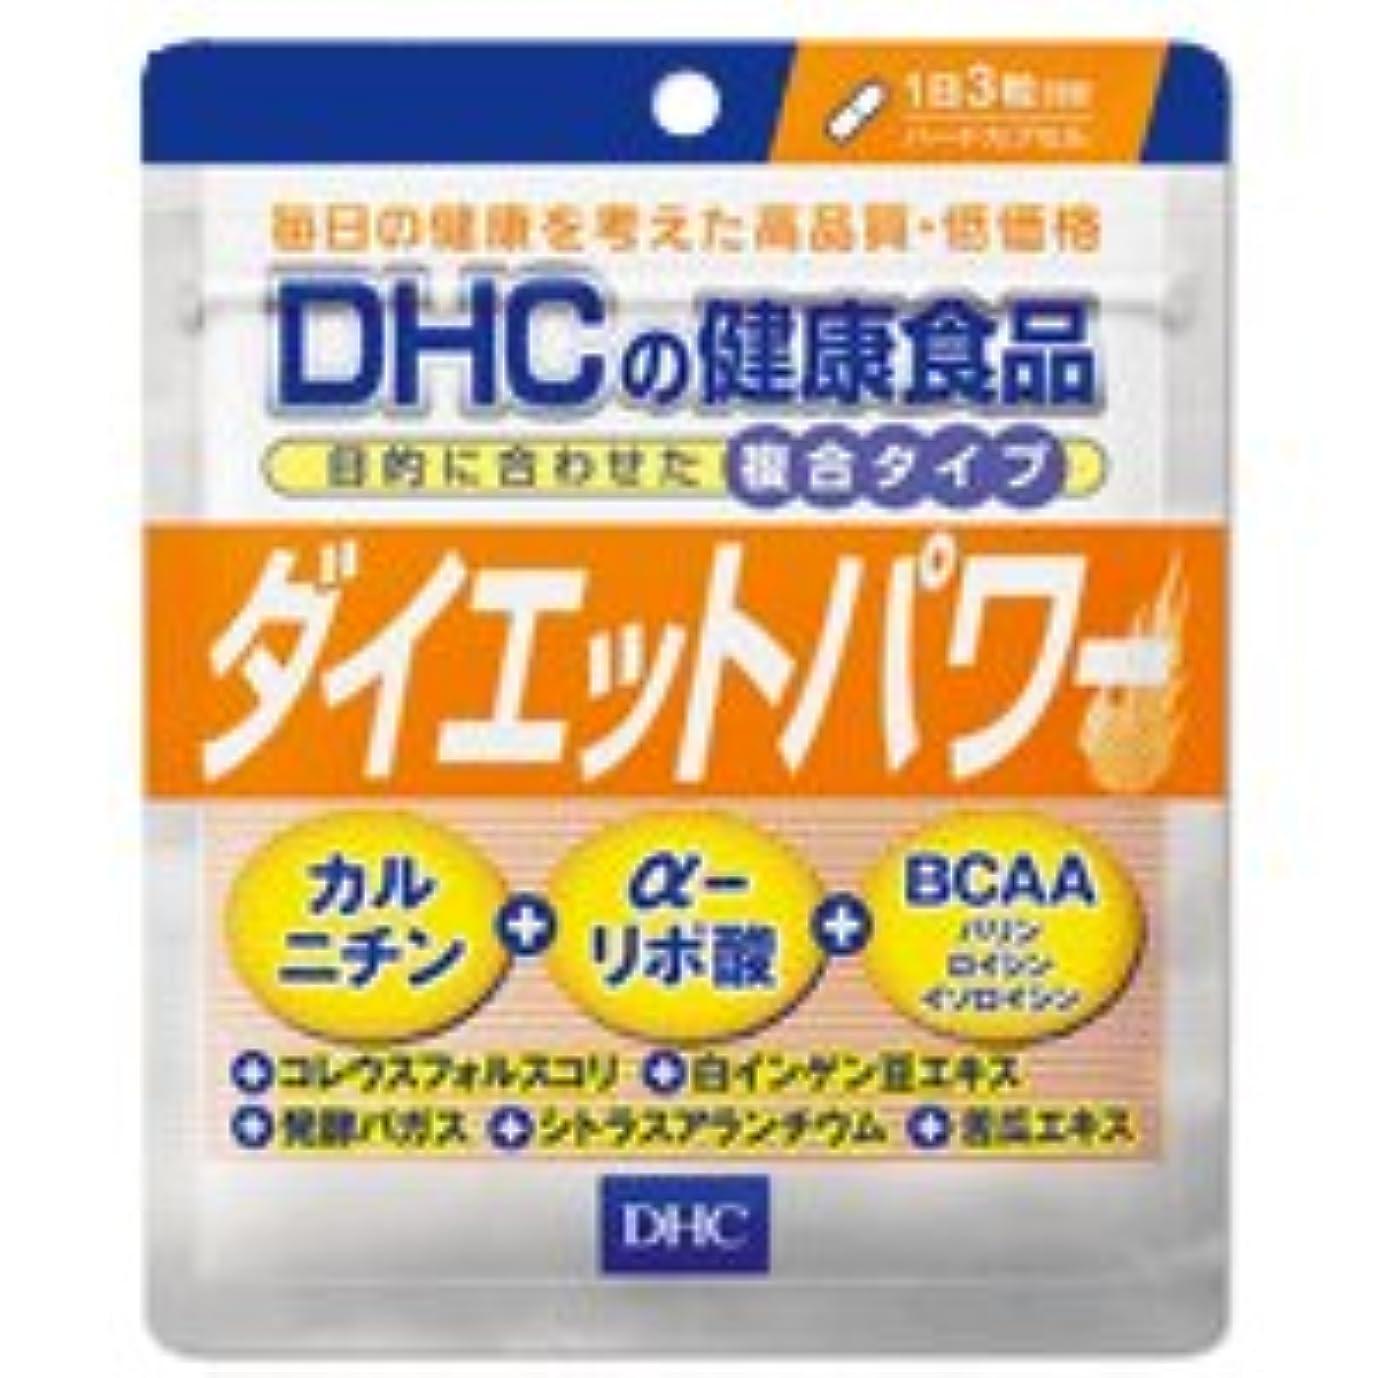 ノベルティ動物増強DHC 20日分ダイエットパワー